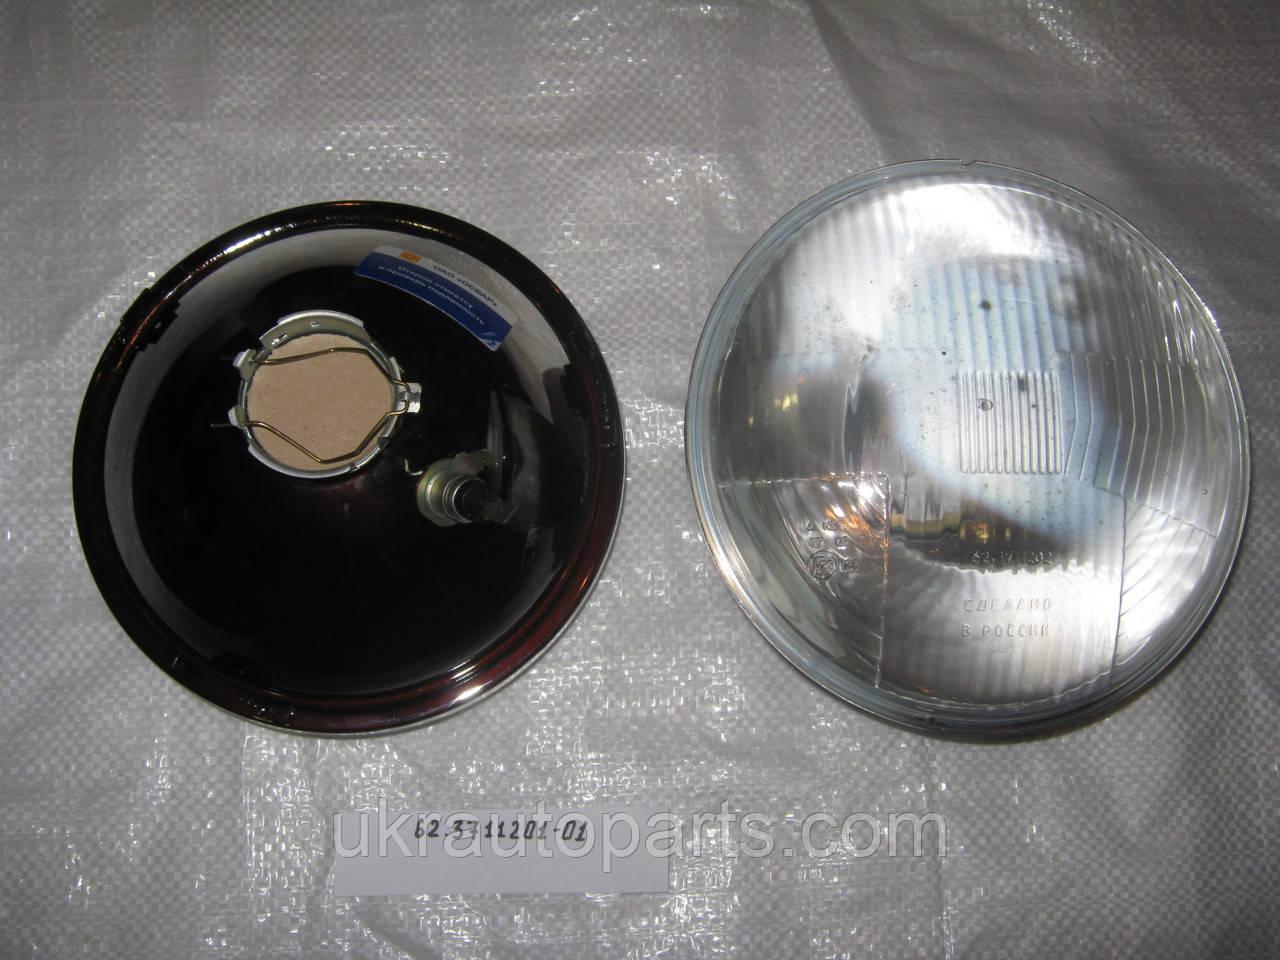 Элемент оптический ГАЗ ЗИЛ с габаритным огнём 43 цоколь галогенка (62.3711201-01)